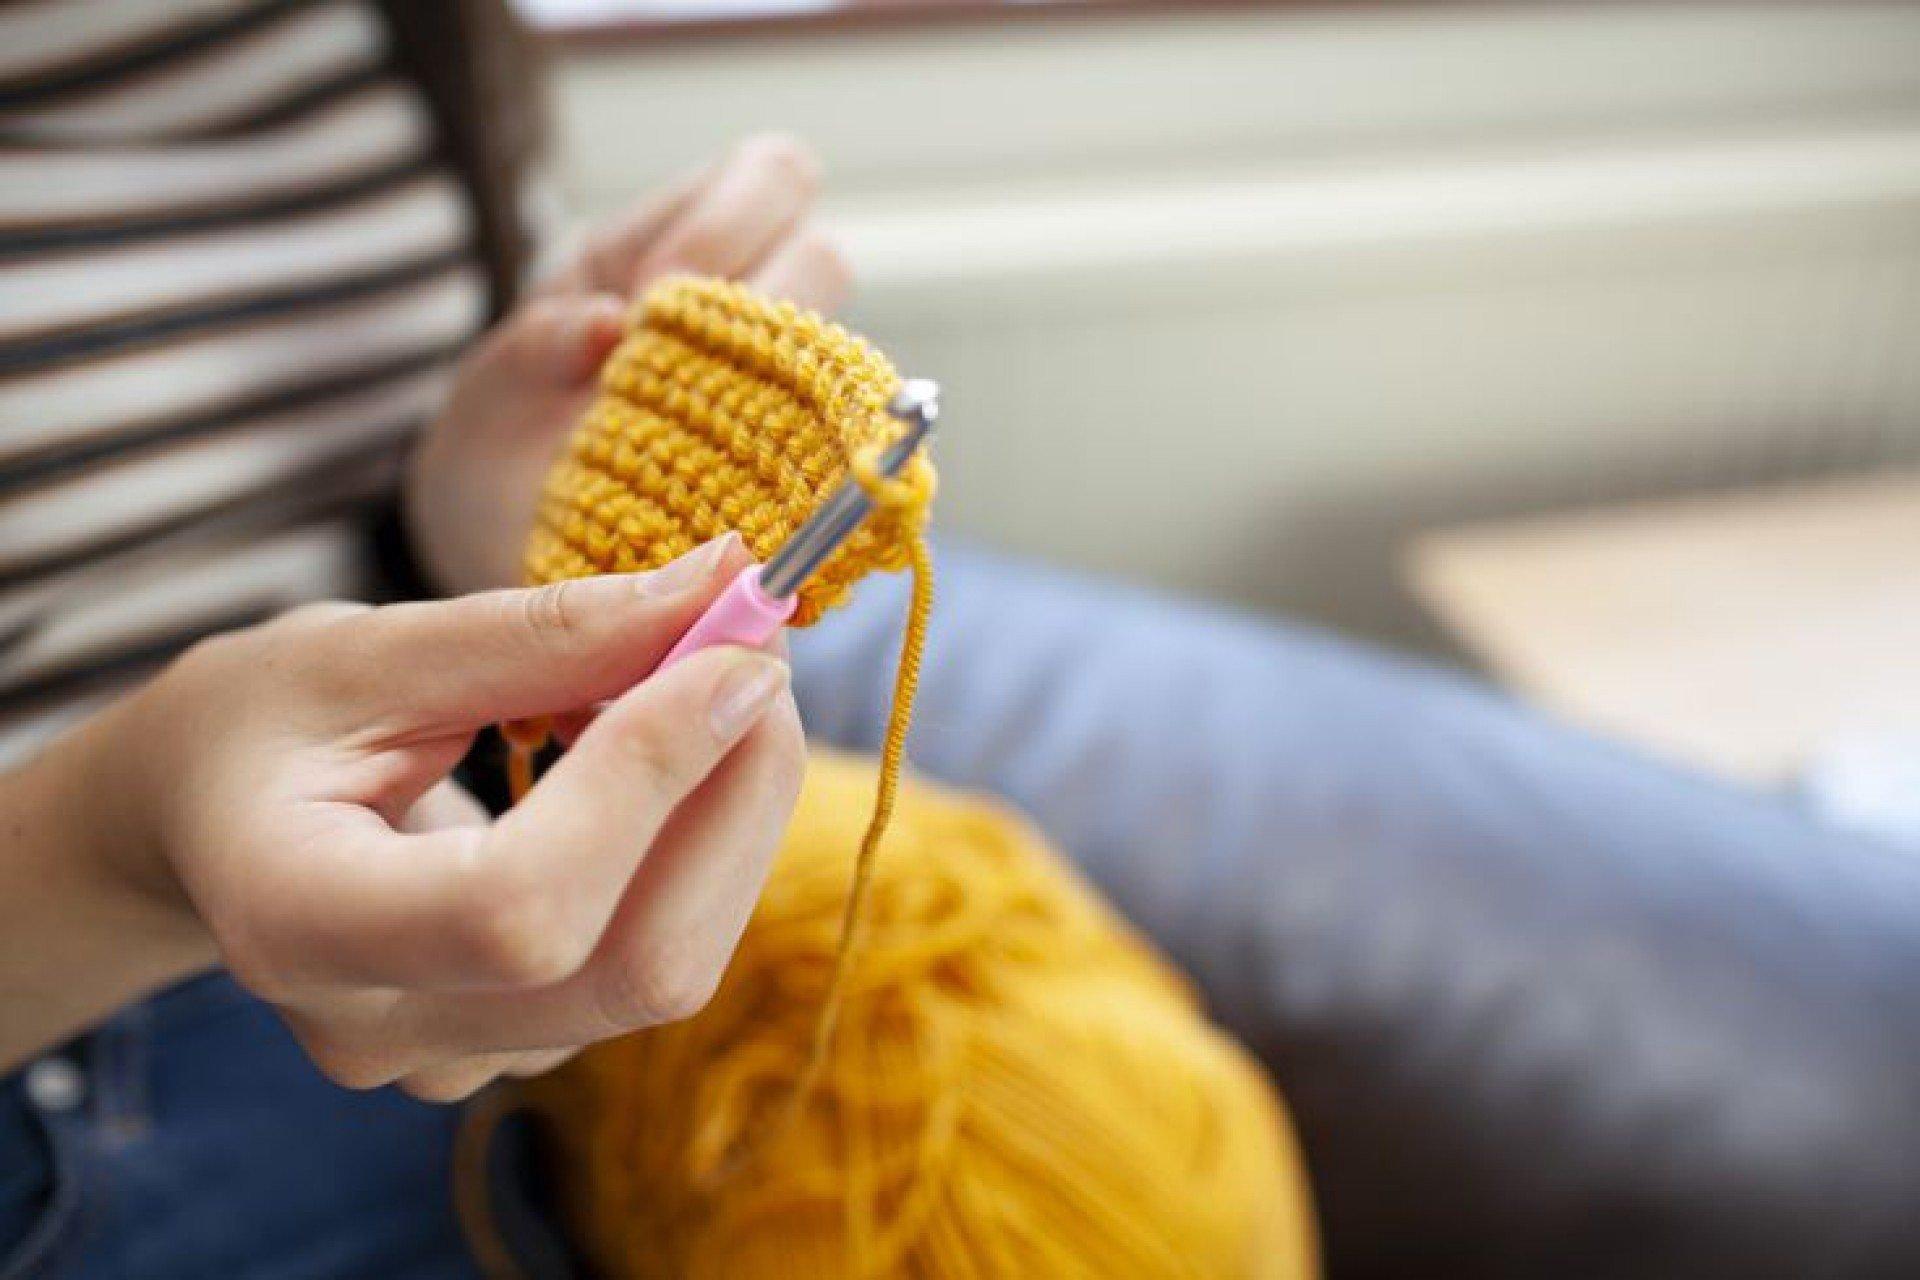 Moda crochê: saiba como explorar as peças de forma elegante e jovial